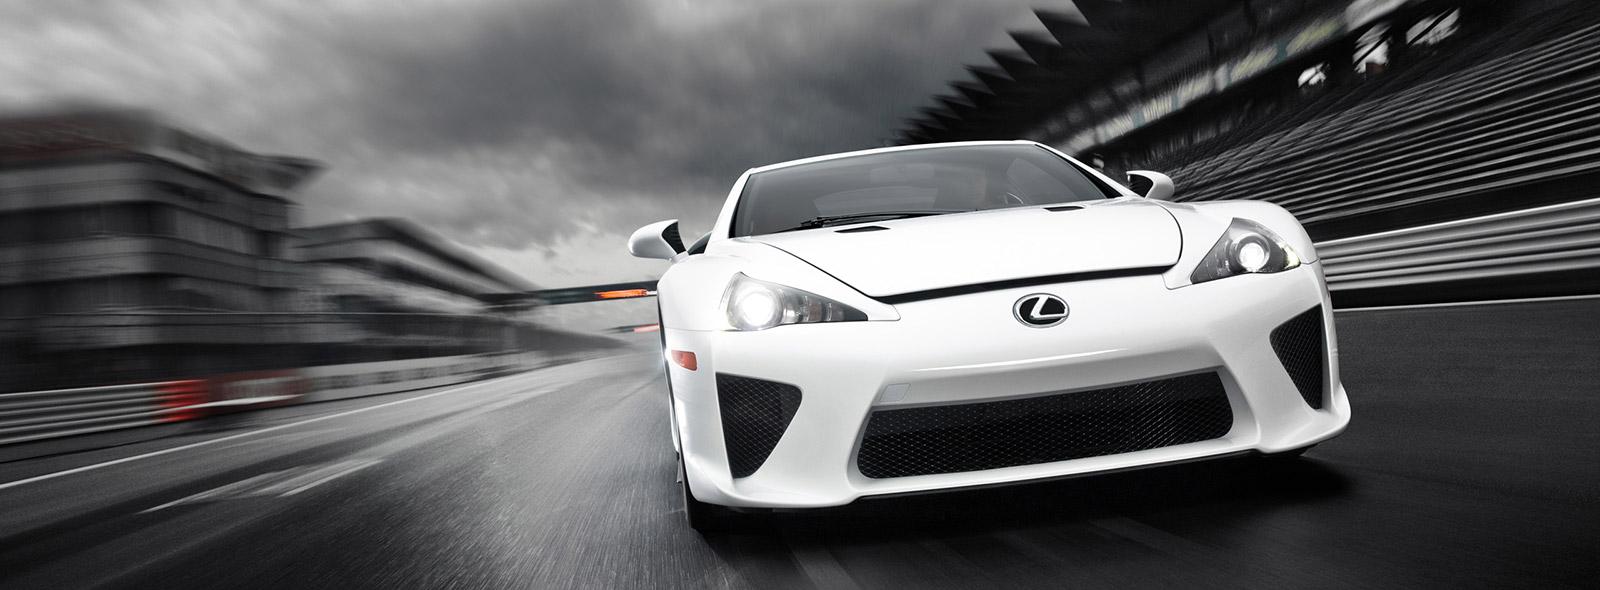 Սպիտակ Lexus LFA շարժման մեջ